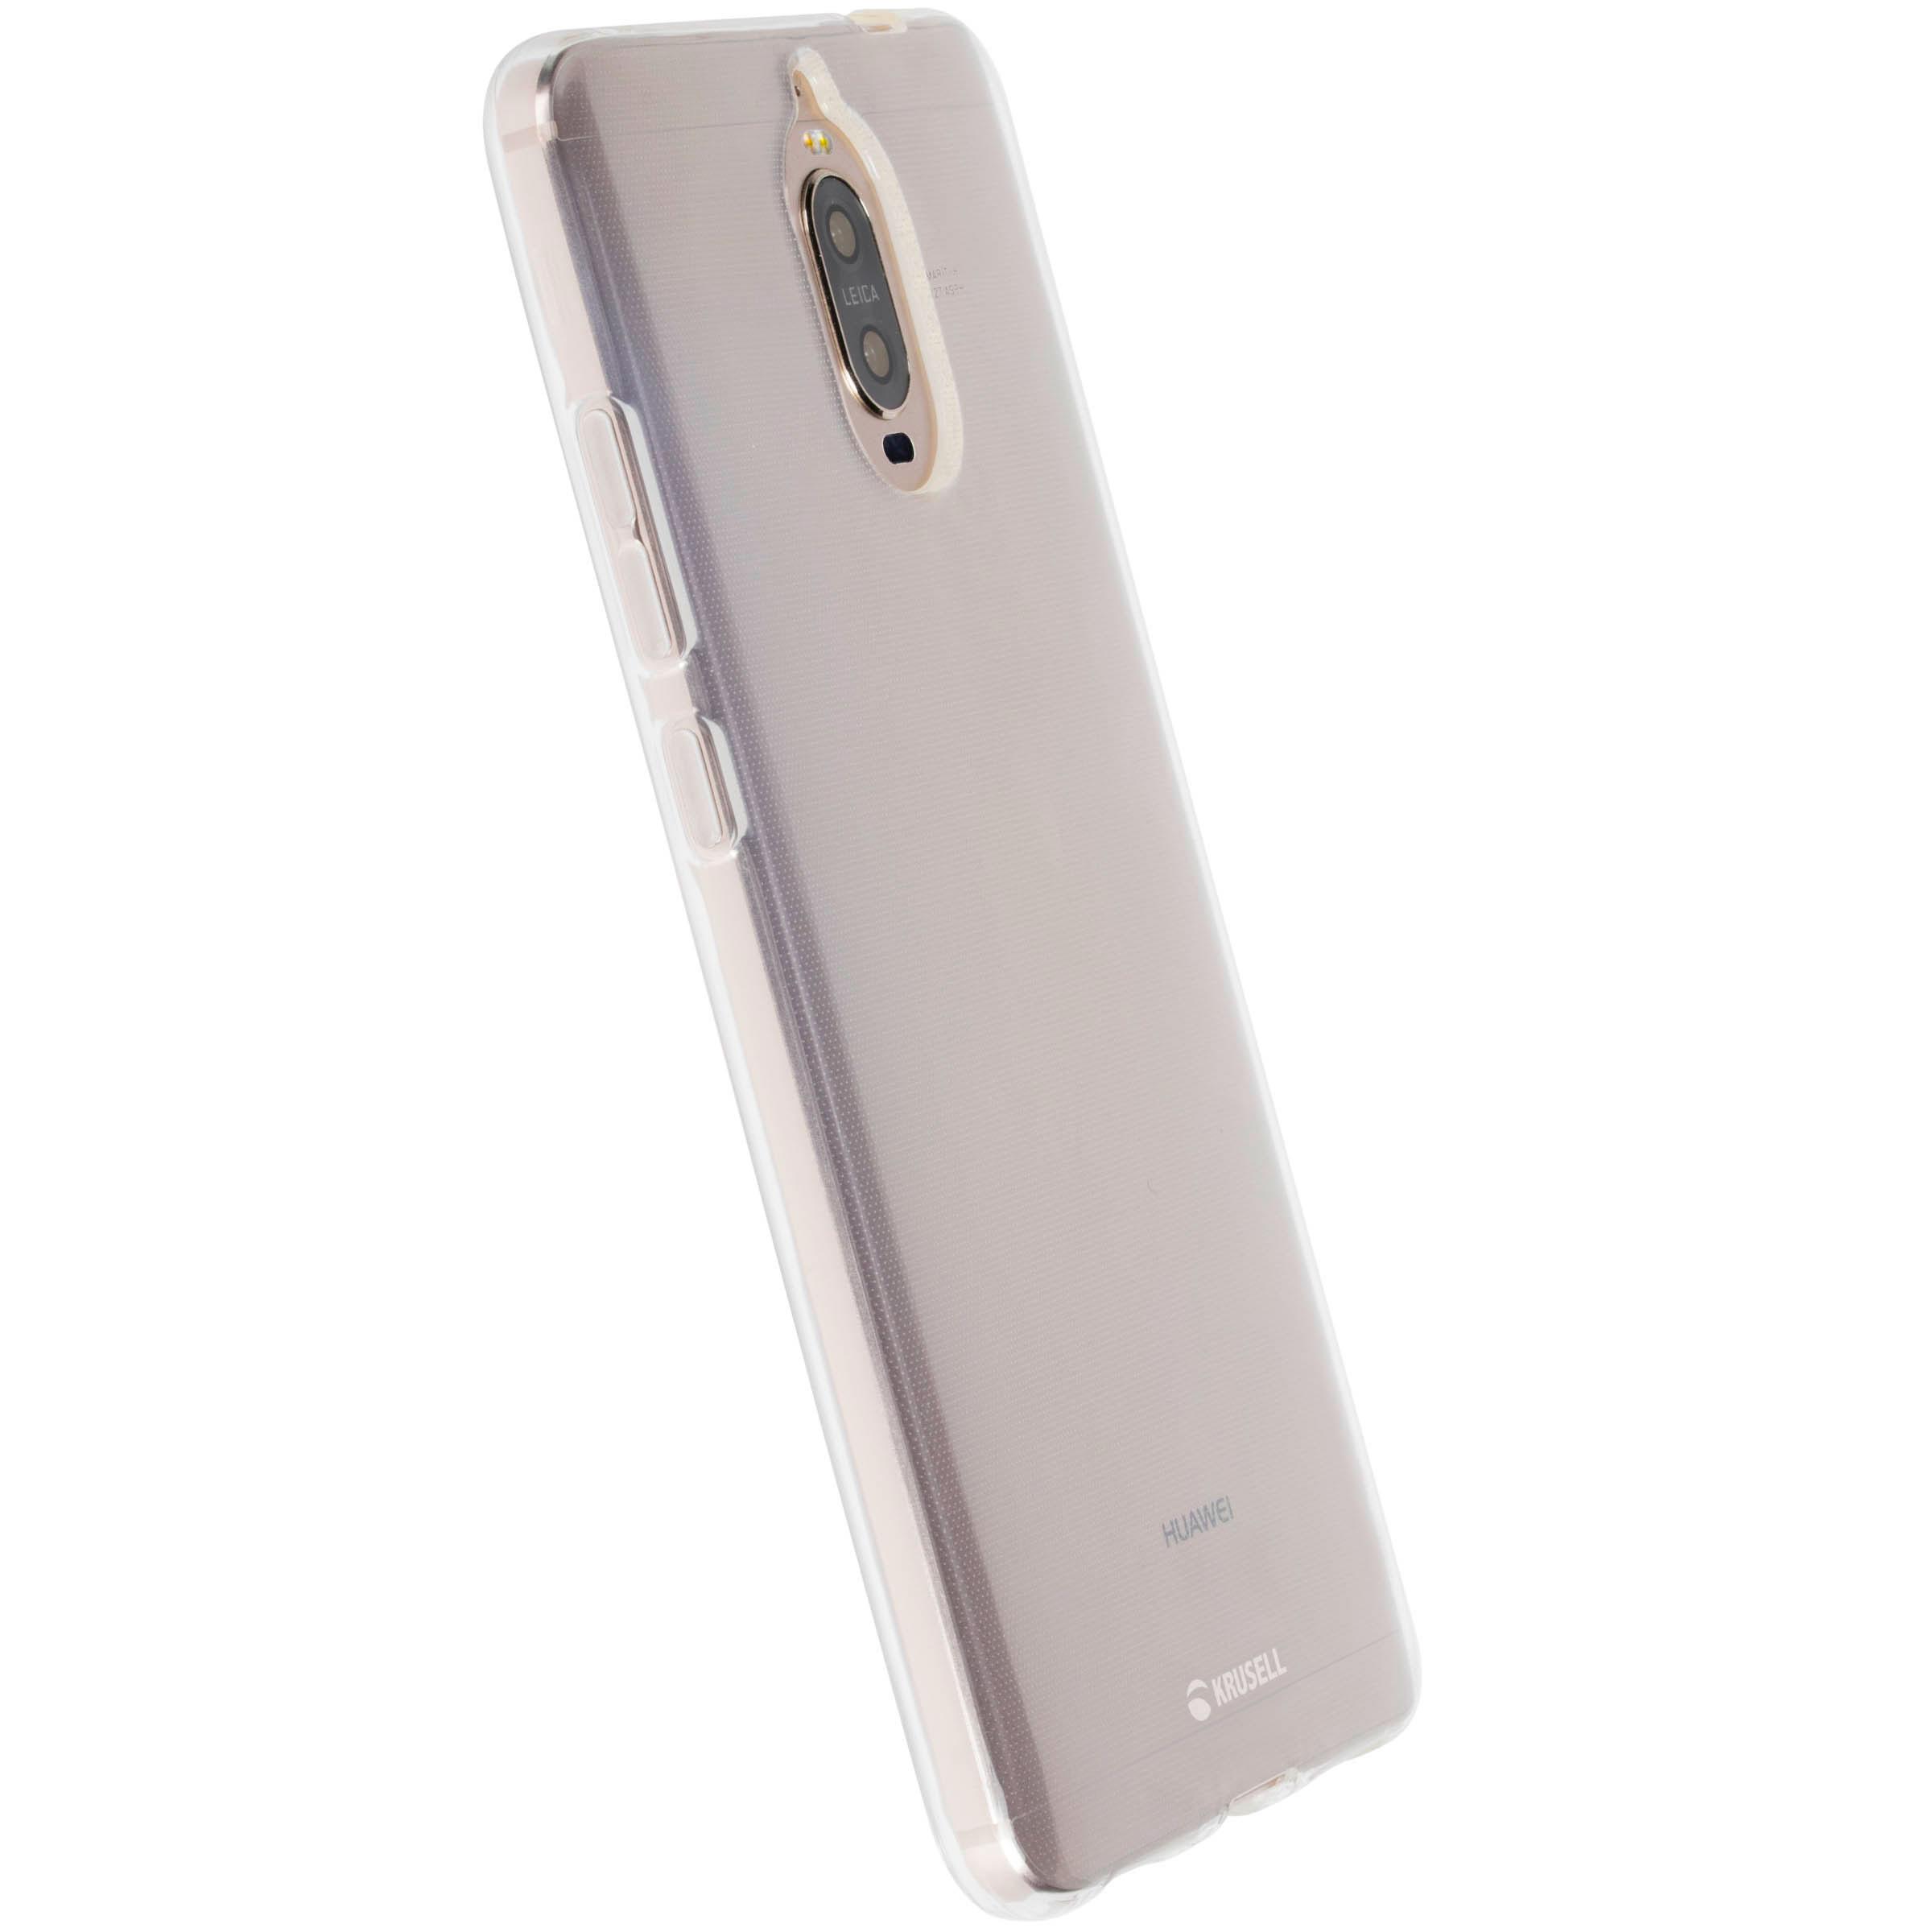 Krusell Bovik Huawei Mate 9 Shell Case - 100% Clear